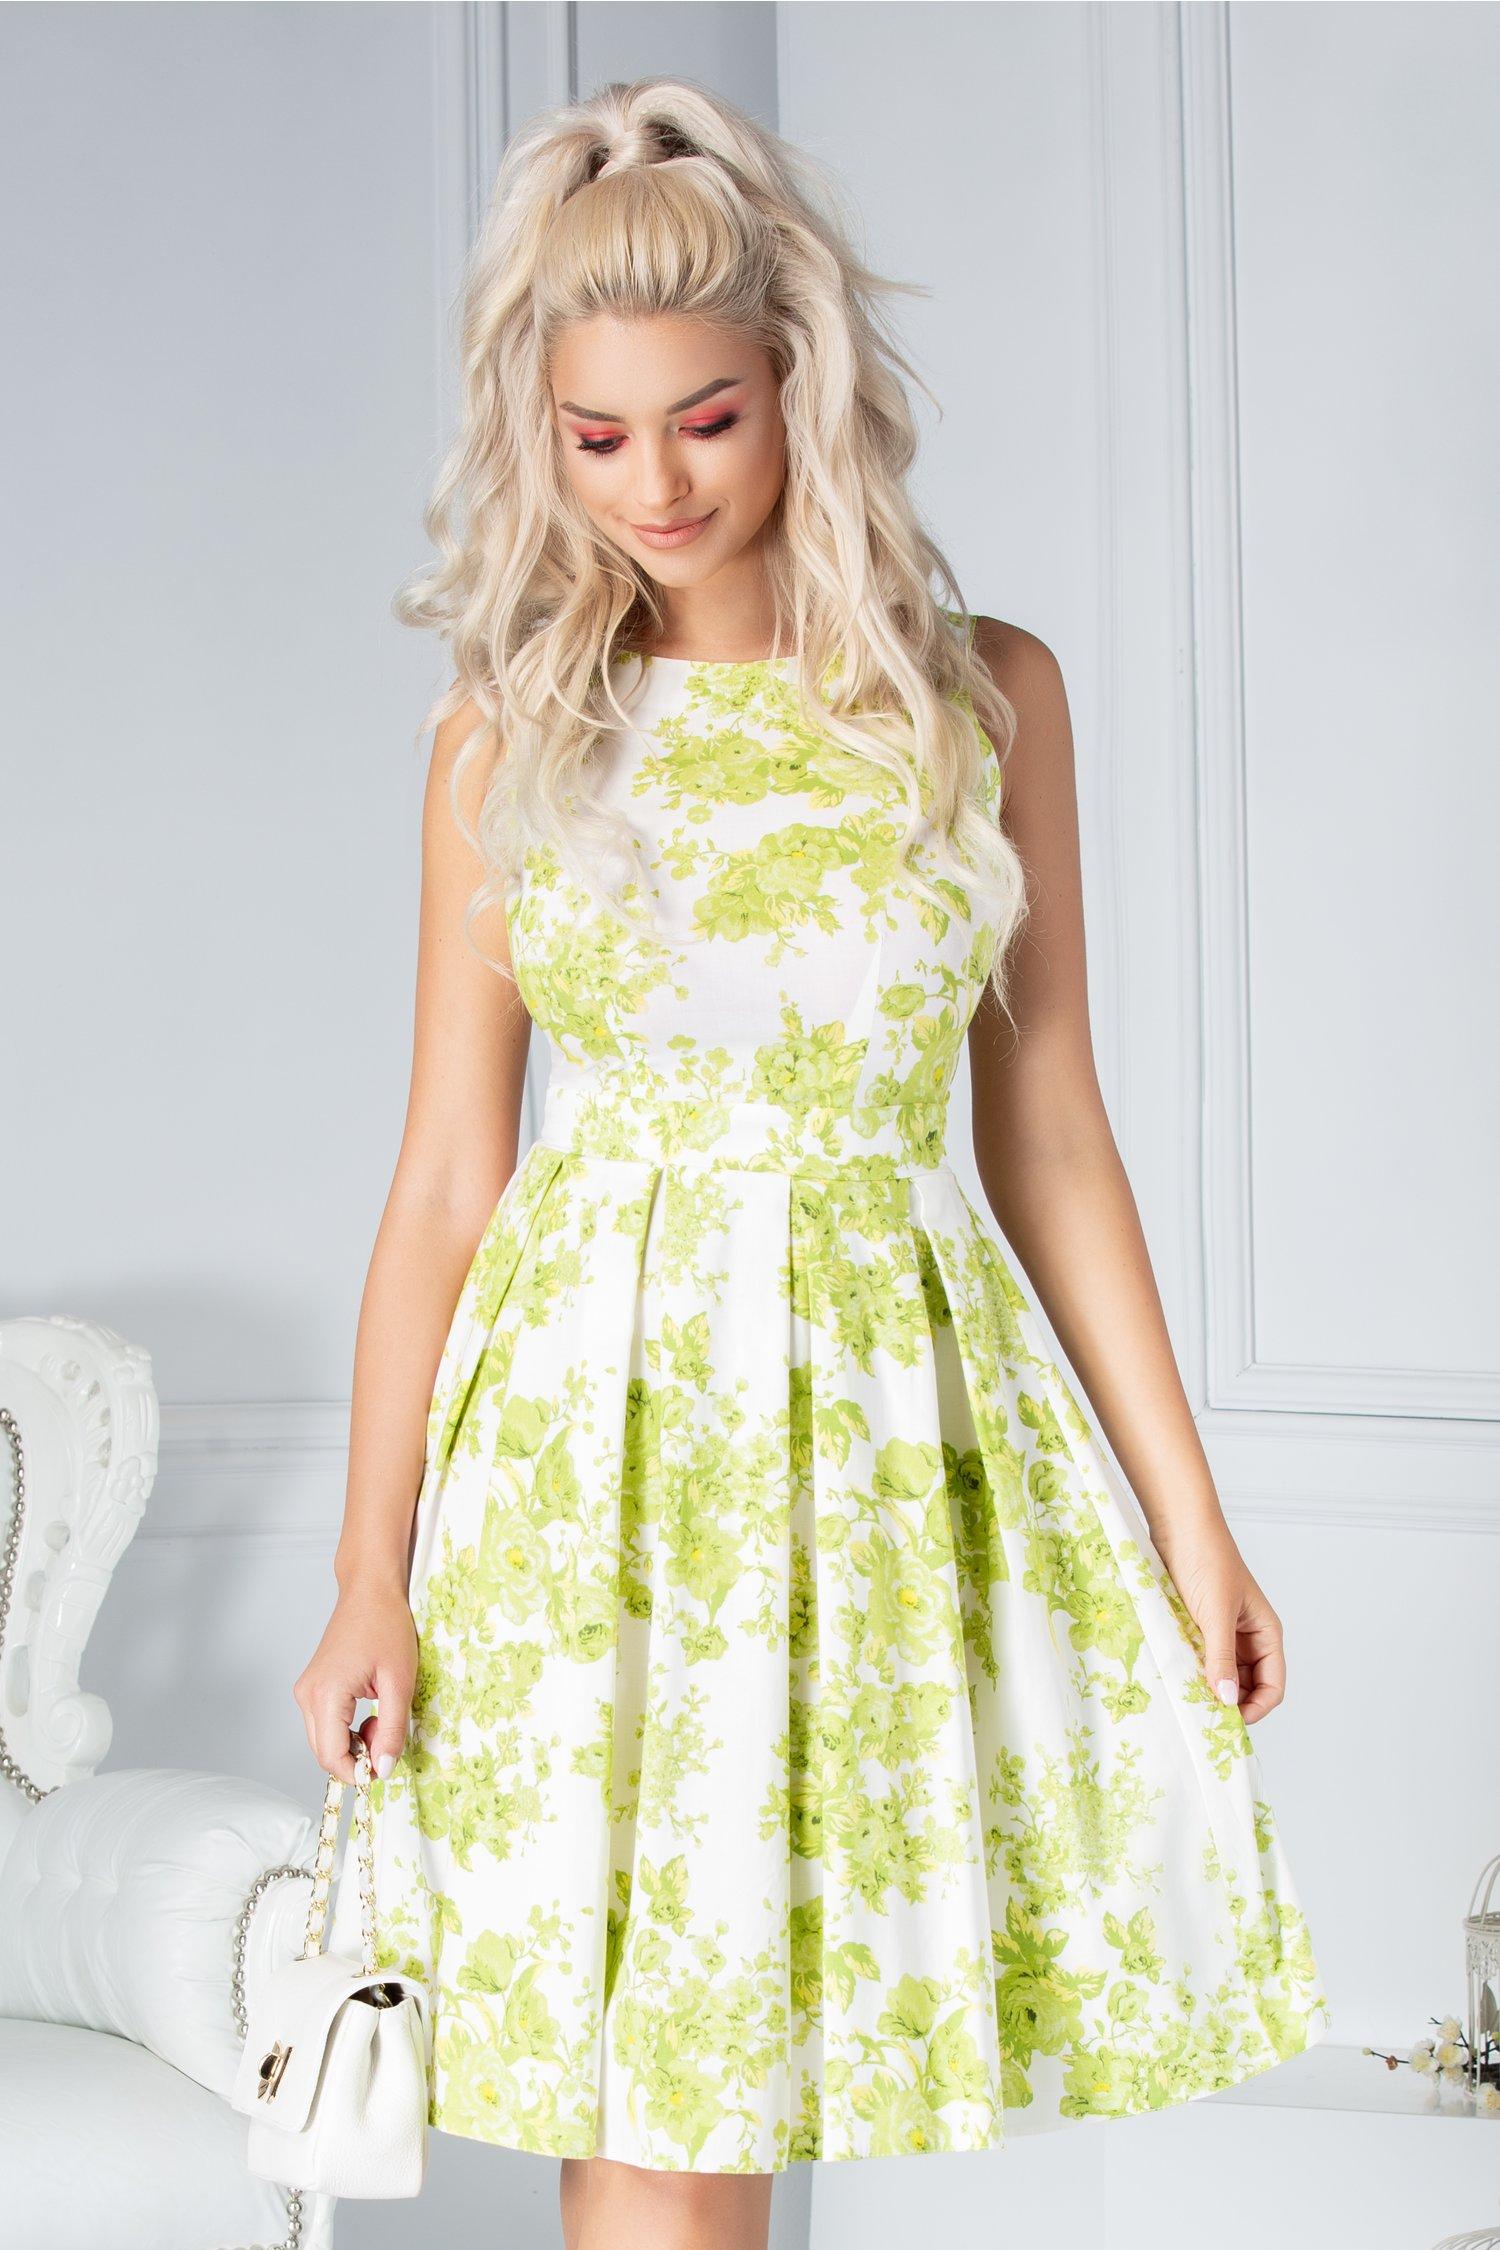 Rochie LaDonna clos de vara alba cu flori verzi